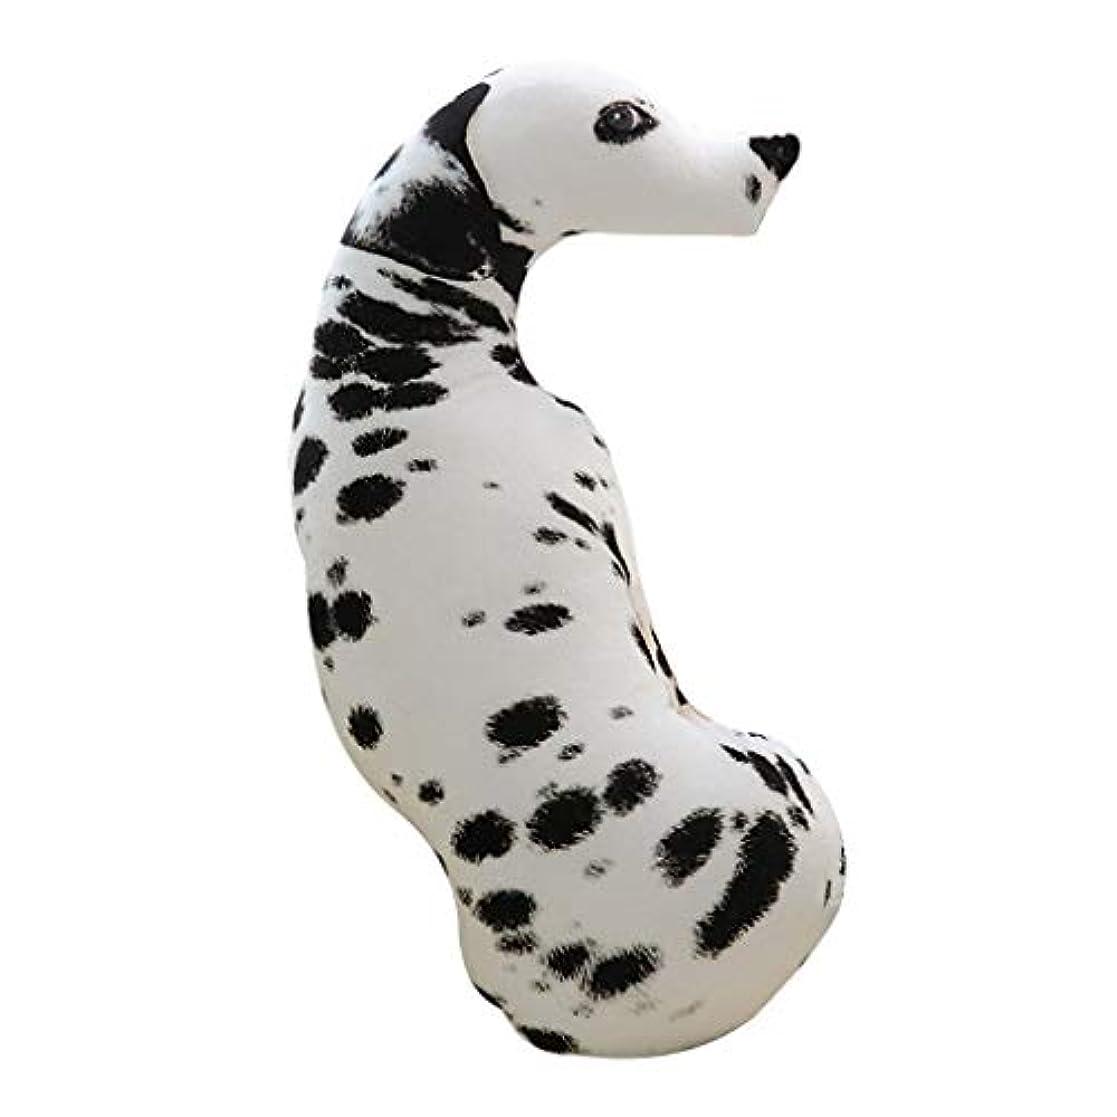 繁殖最も建築LIFE 装飾クッションソファおかしい 3D 犬印刷スロー枕創造クッションかわいいぬいぐるみギフト家の装飾 coussin decoratif クッション 椅子